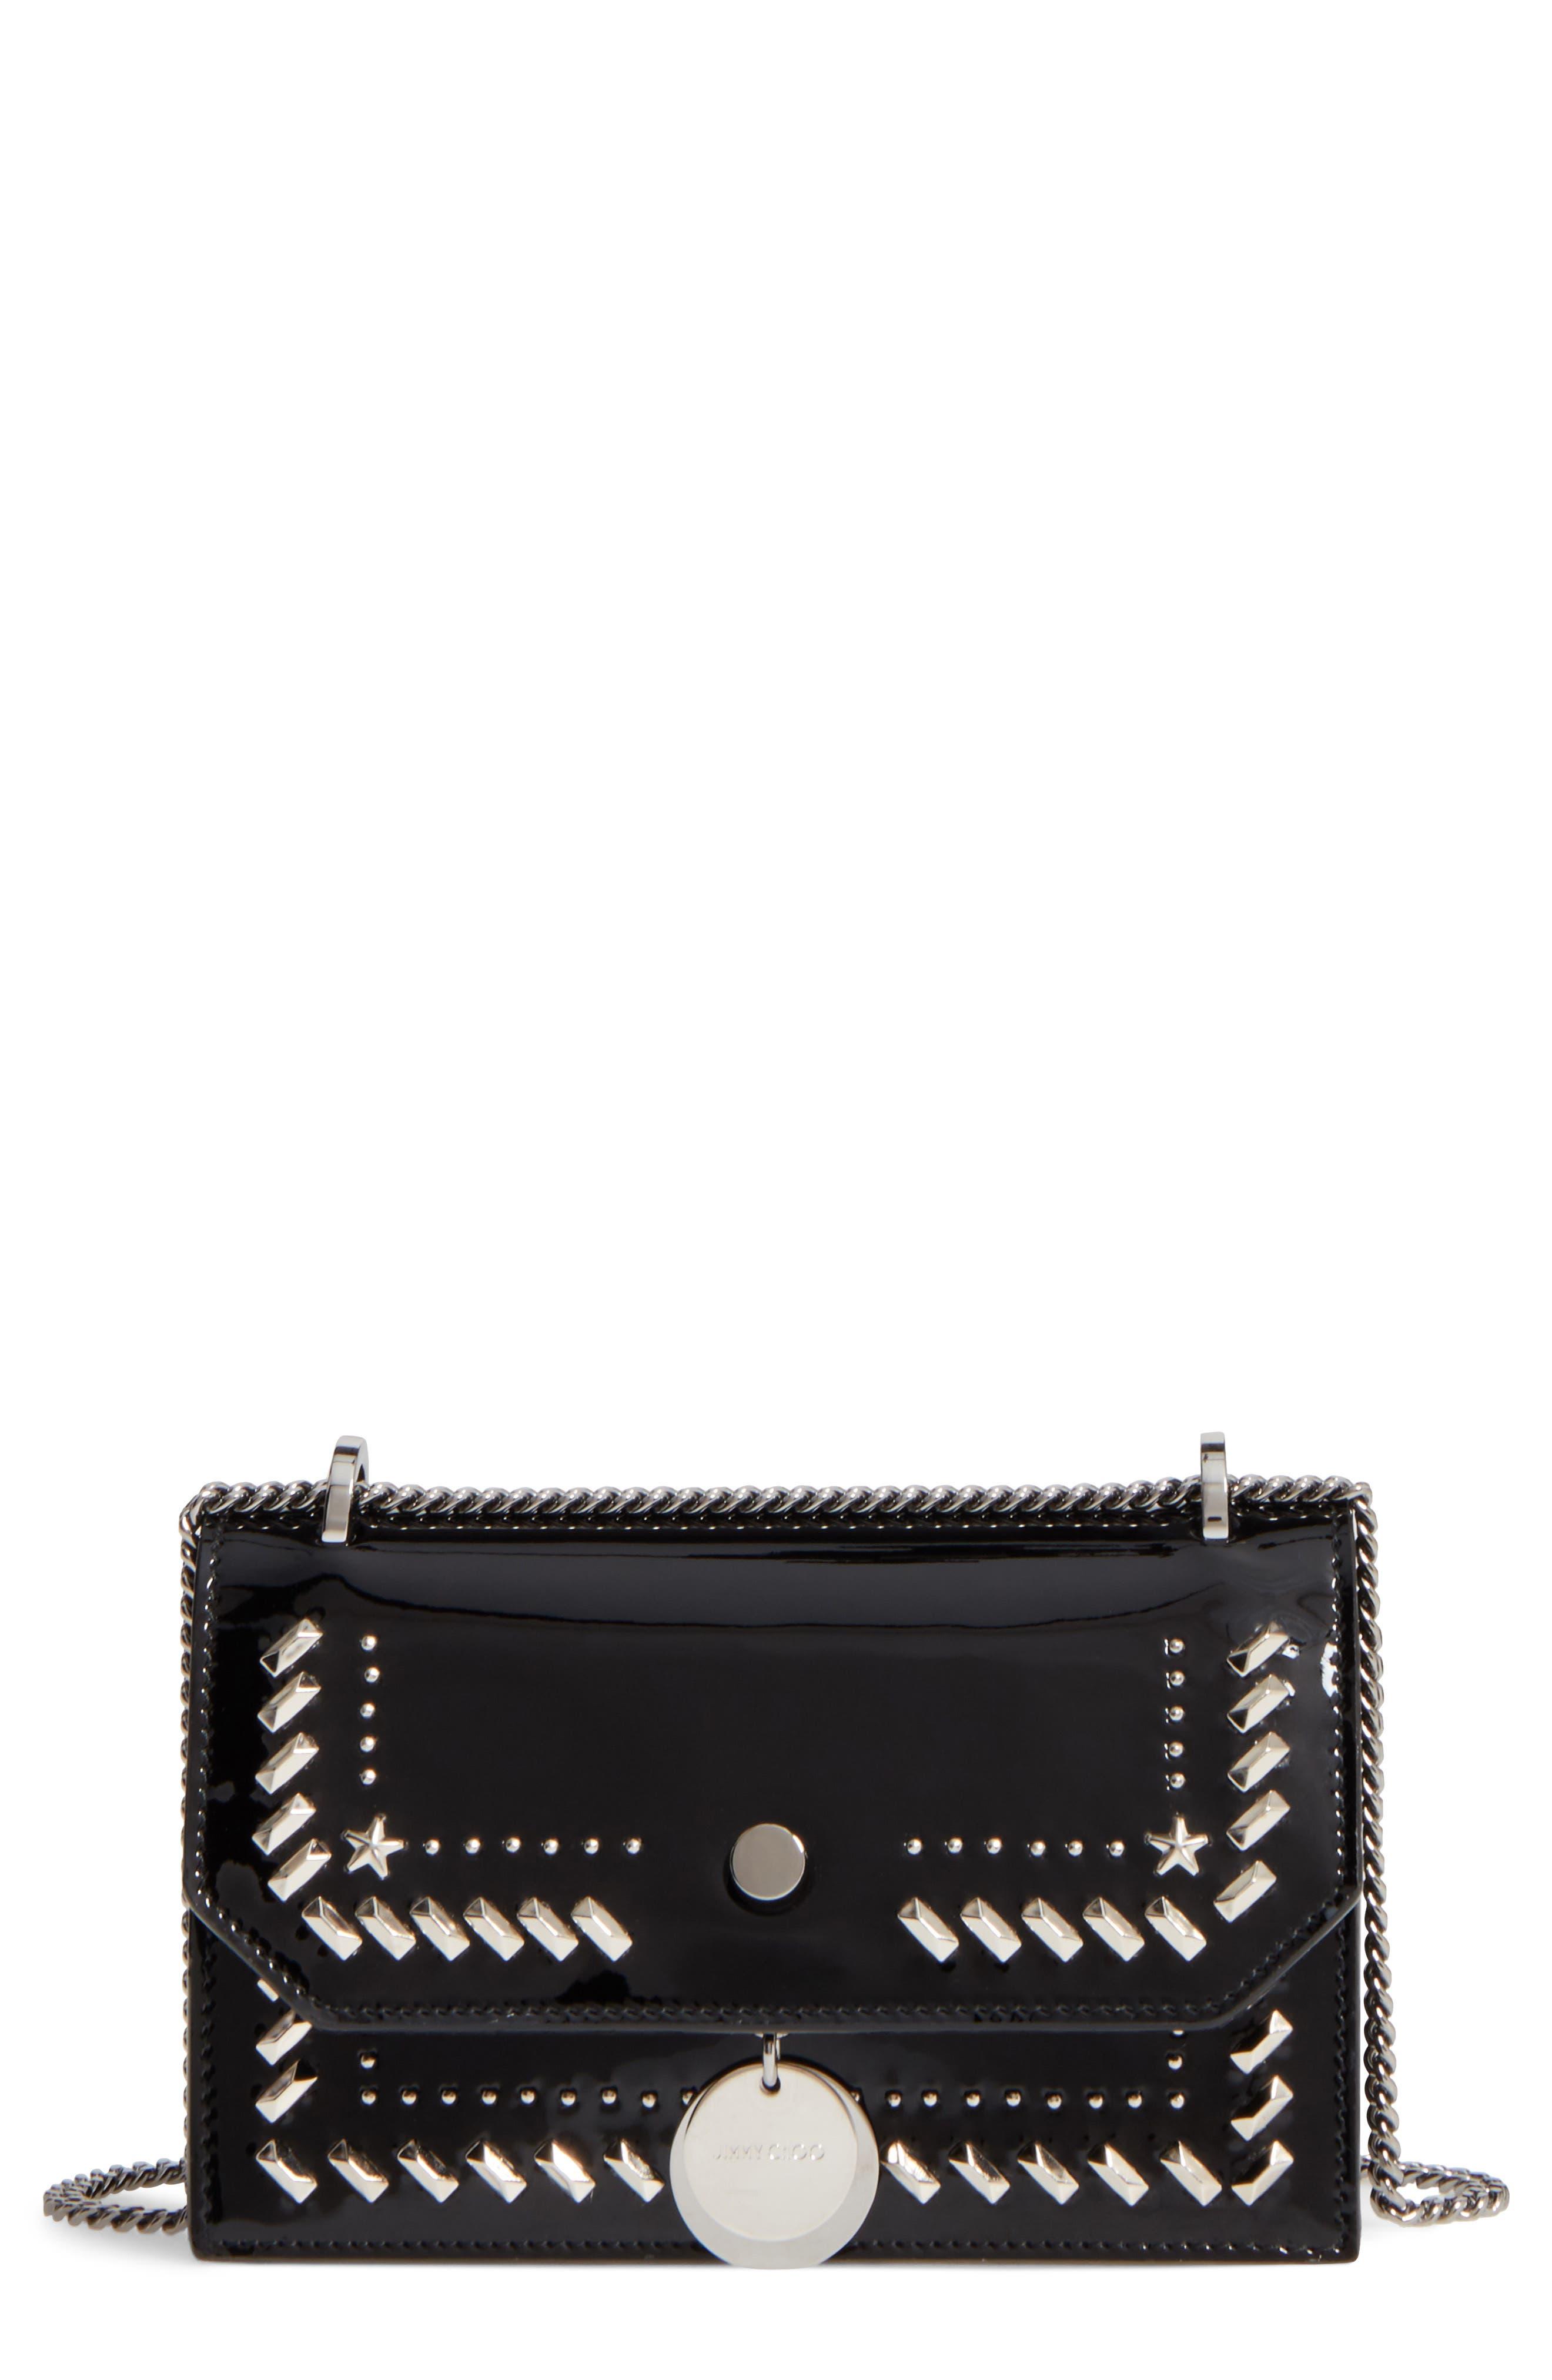 Jimmy Choo Finley Studded Leather Shoulder Bag